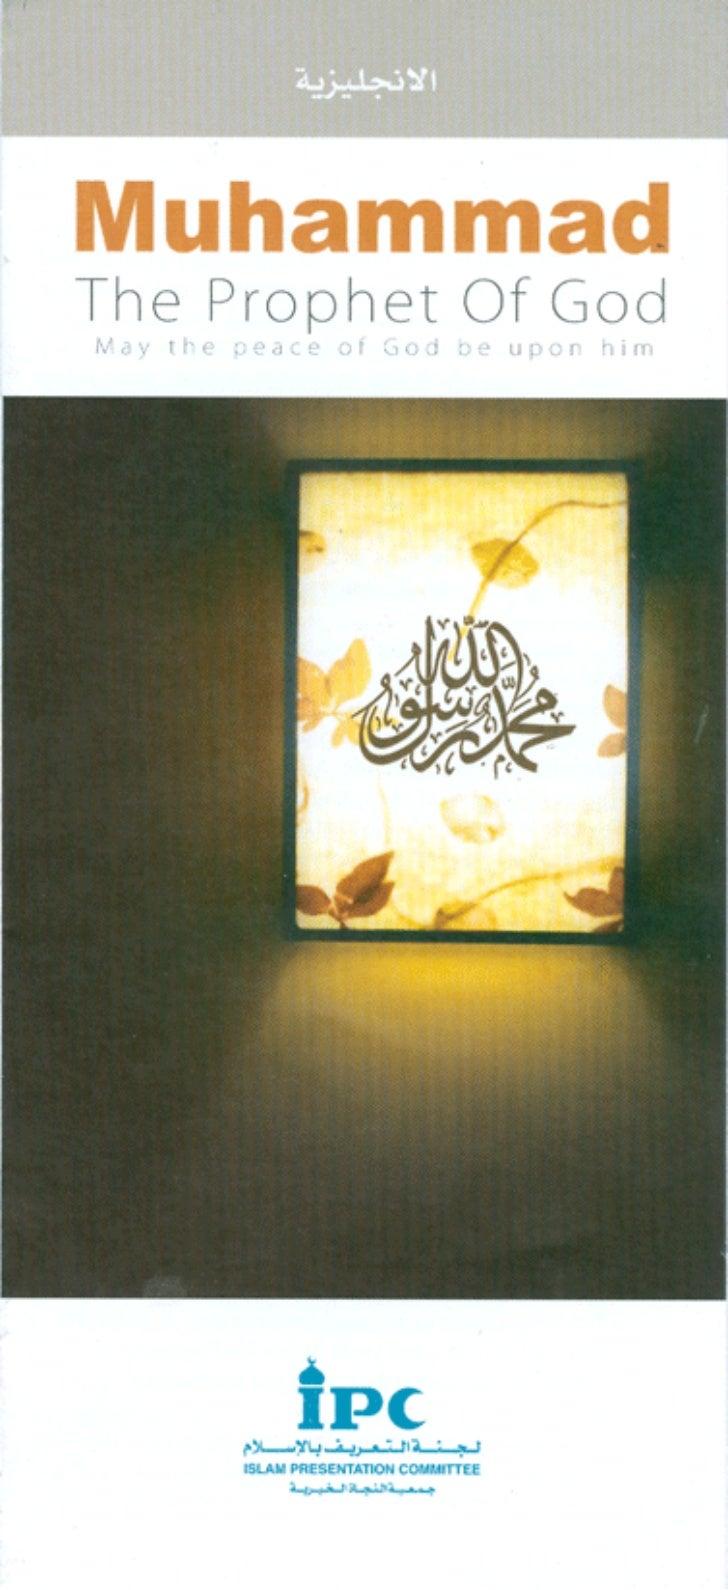 Muhammad the prohet of god